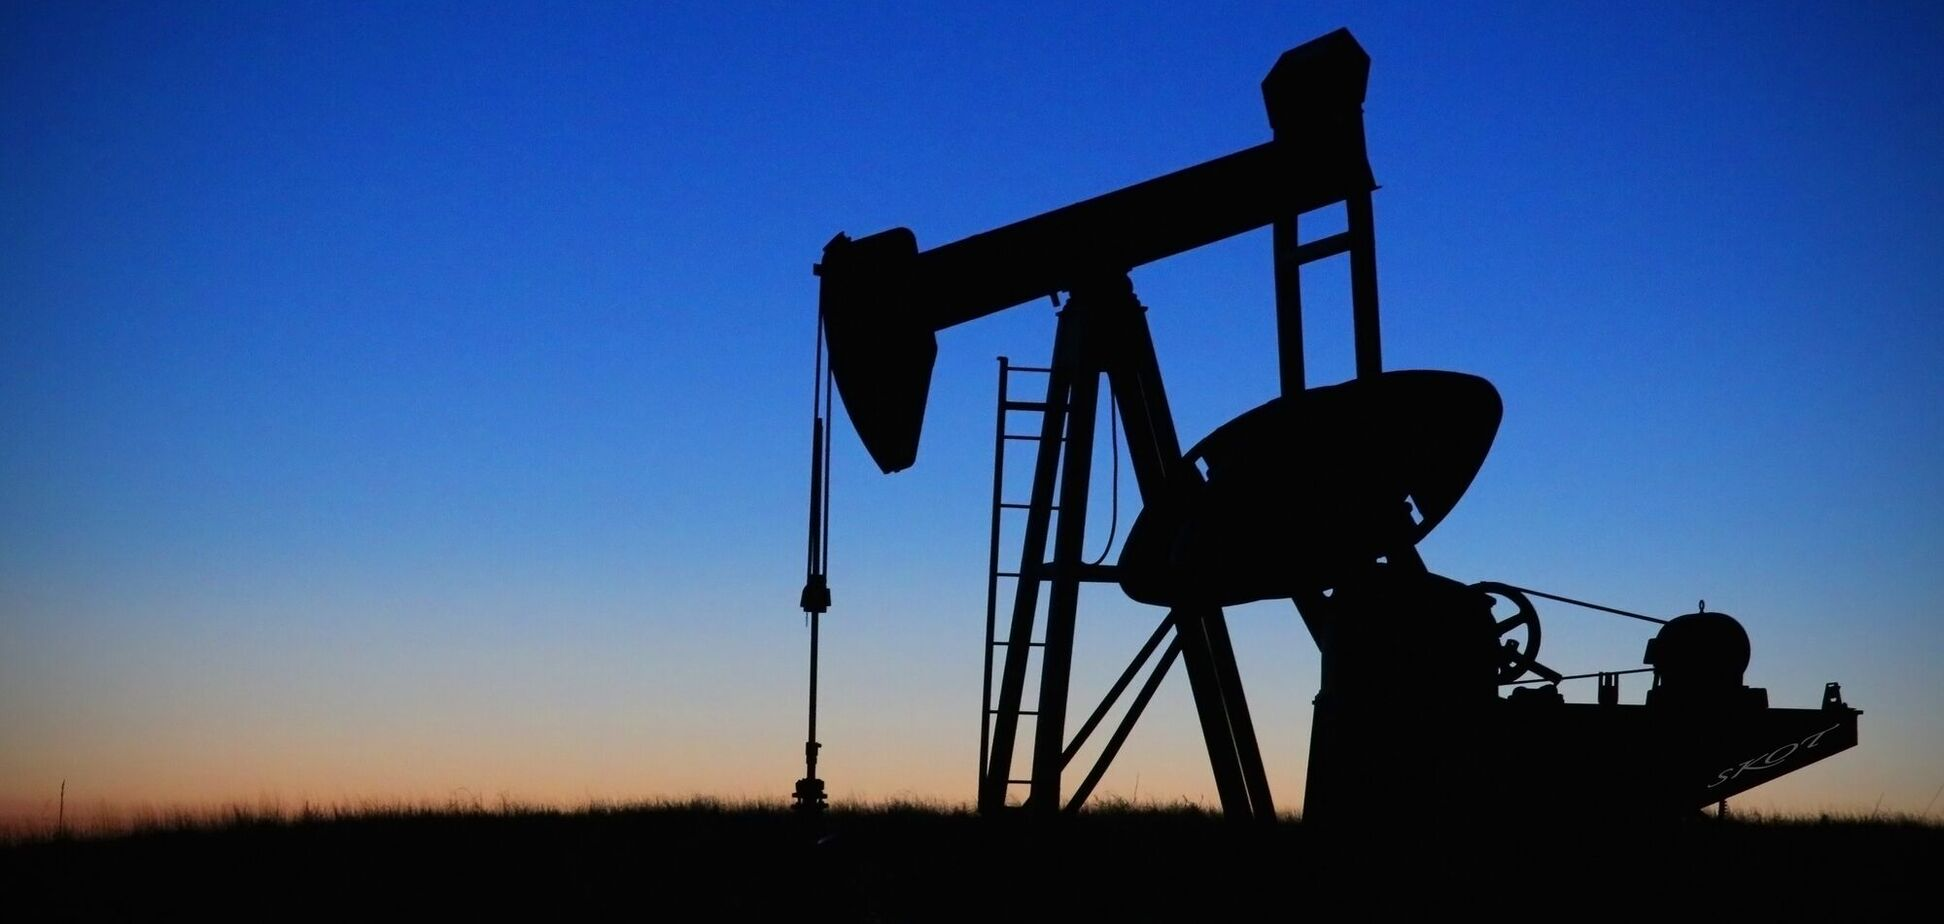 Світові ціни на нафту впали після різкого зростання через хвилю COVID-19 в Індії